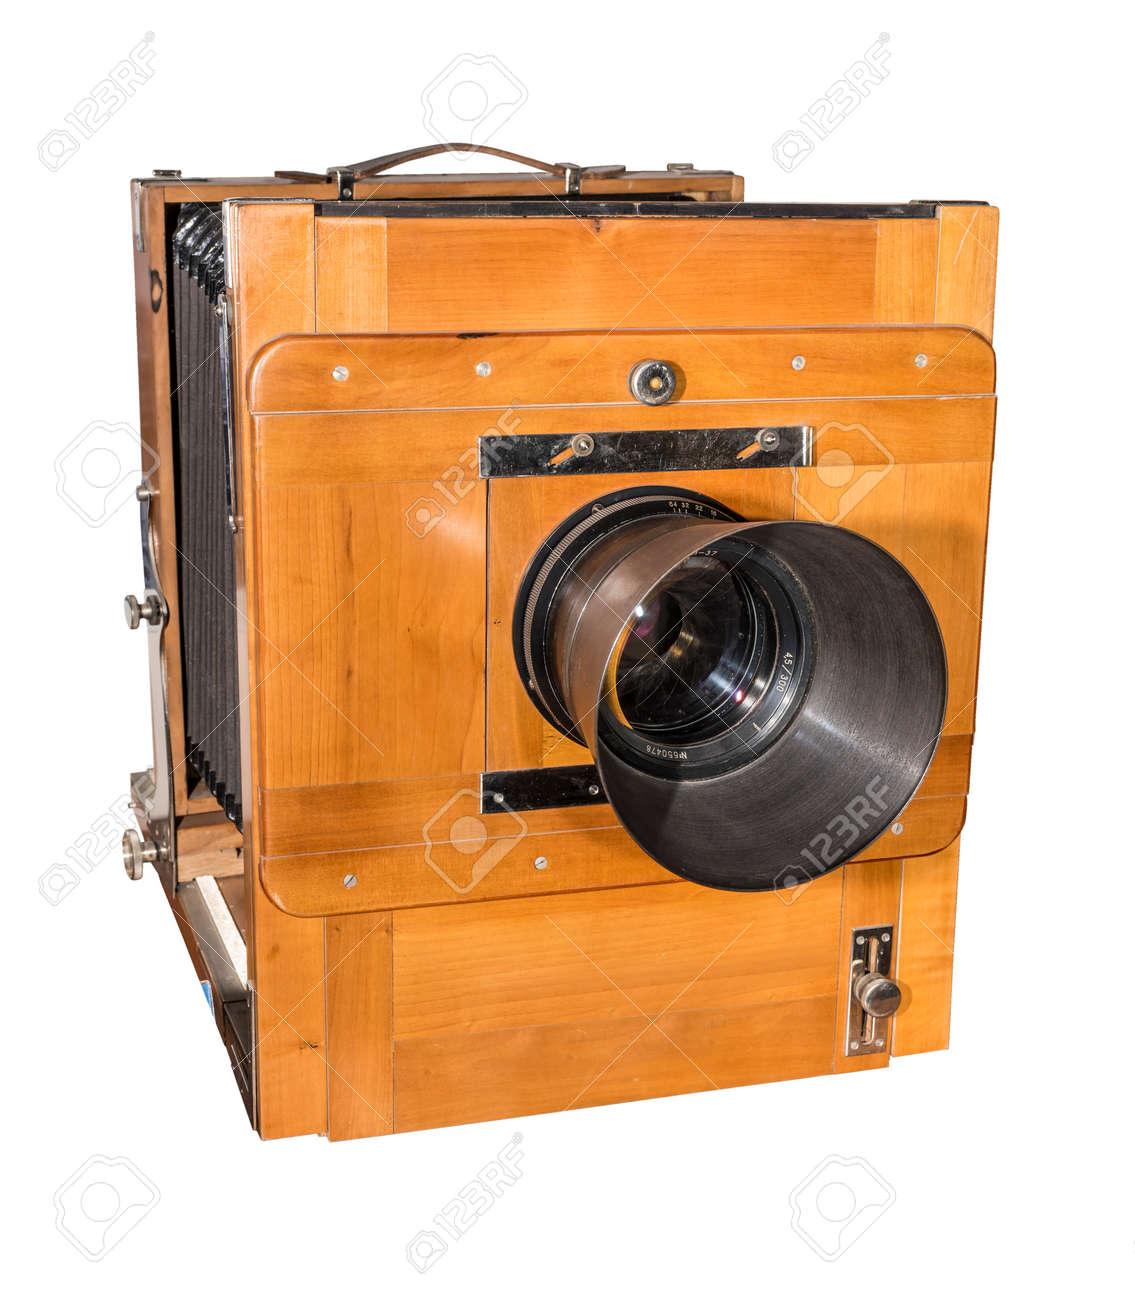 Fotokamera Eine Alte, Hölzerne, Rahmengröße 18 X 24 Cm ...